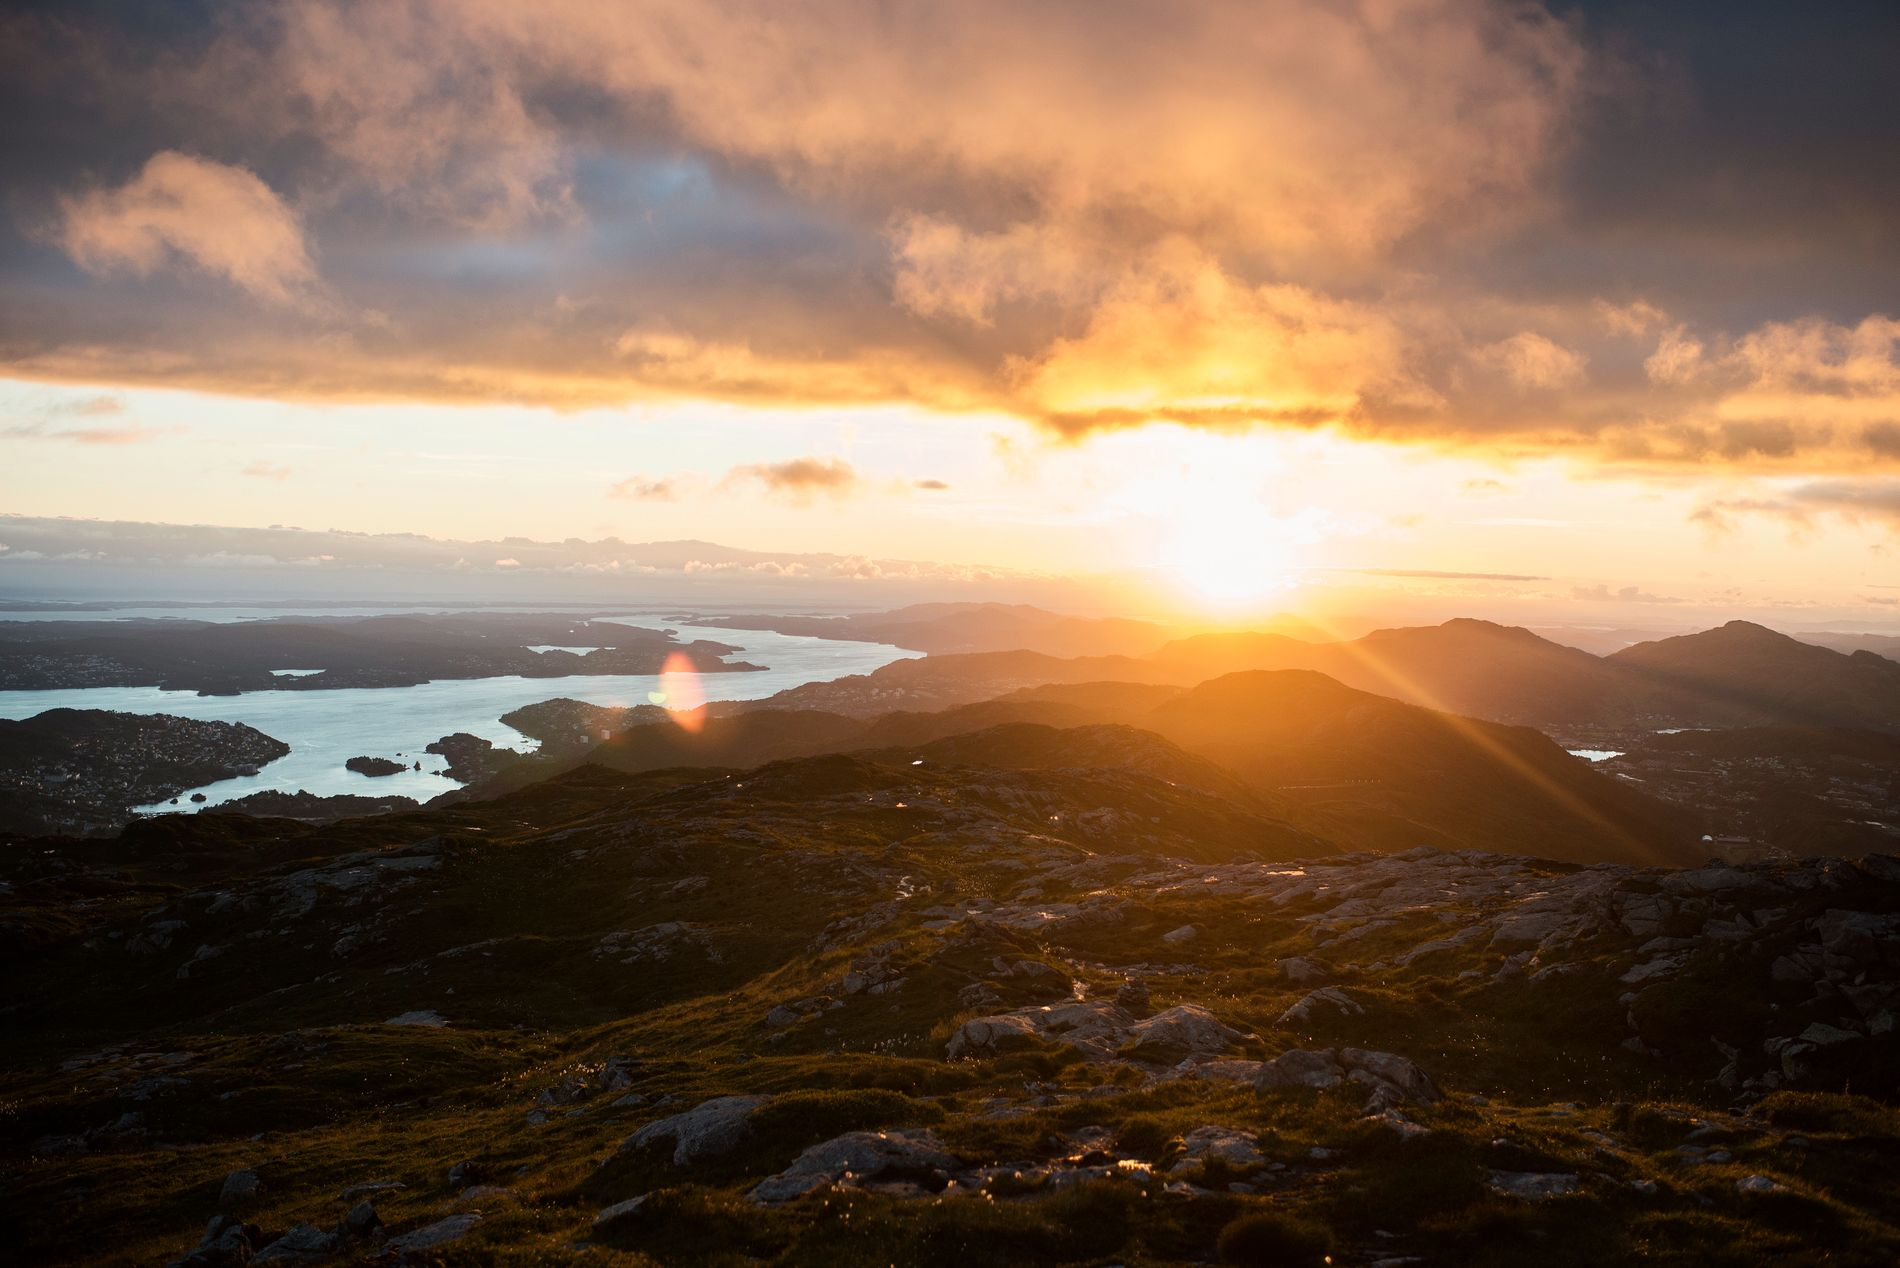 SJELEFRED: Visuelle inntrykk, dufter og lyder gir sjelefred både under og etter turen på Byfjellene, skriver Trygve Hillestad.